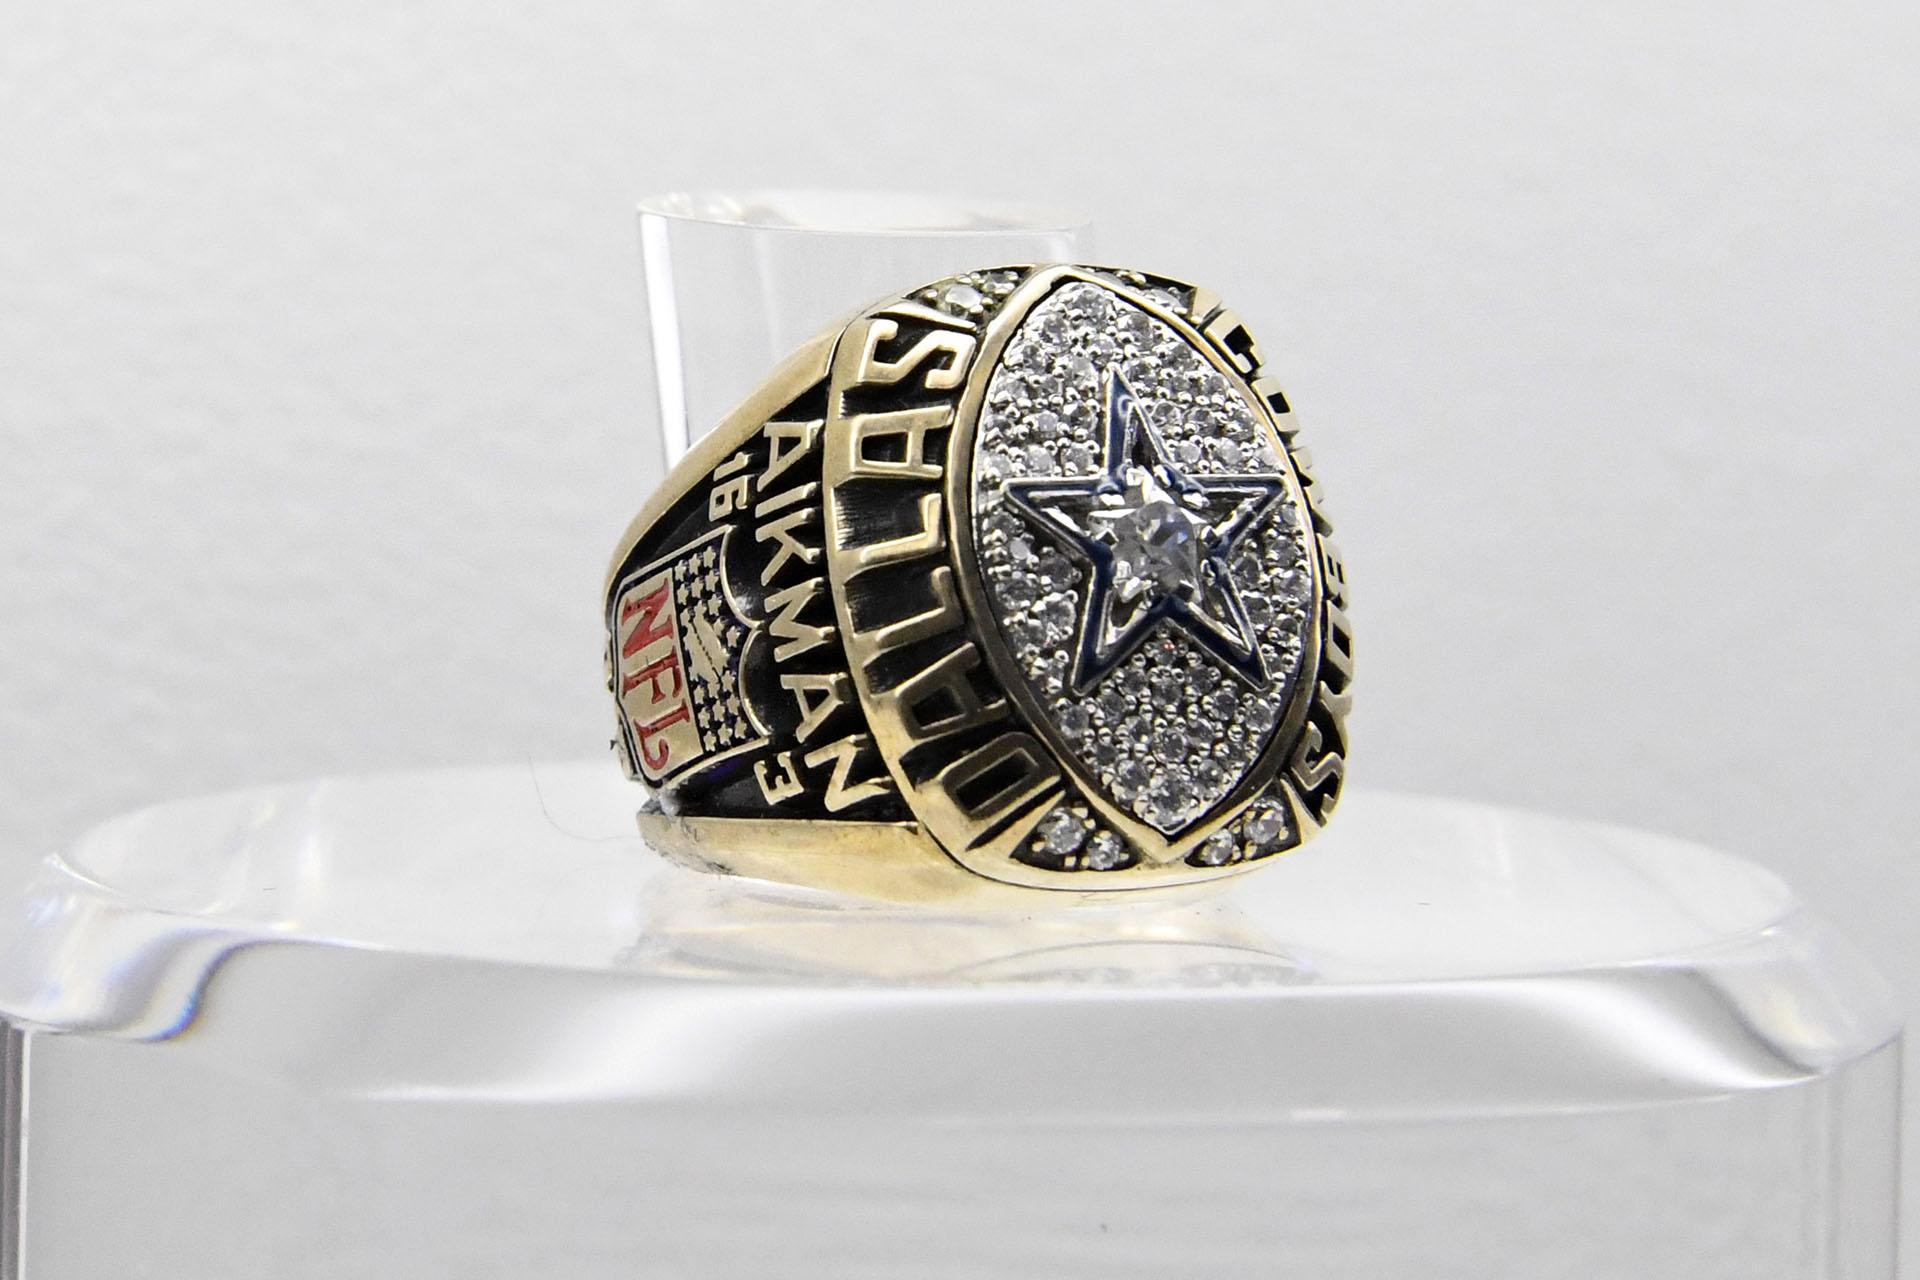 El anillo que conmemora a los ganadores del Super Bowl XXVII, disputado en 1993 en el Rose Bowl de Pasadena, California. Los Dallas Cowboys superaron 52-17 a los Buffalo Bills